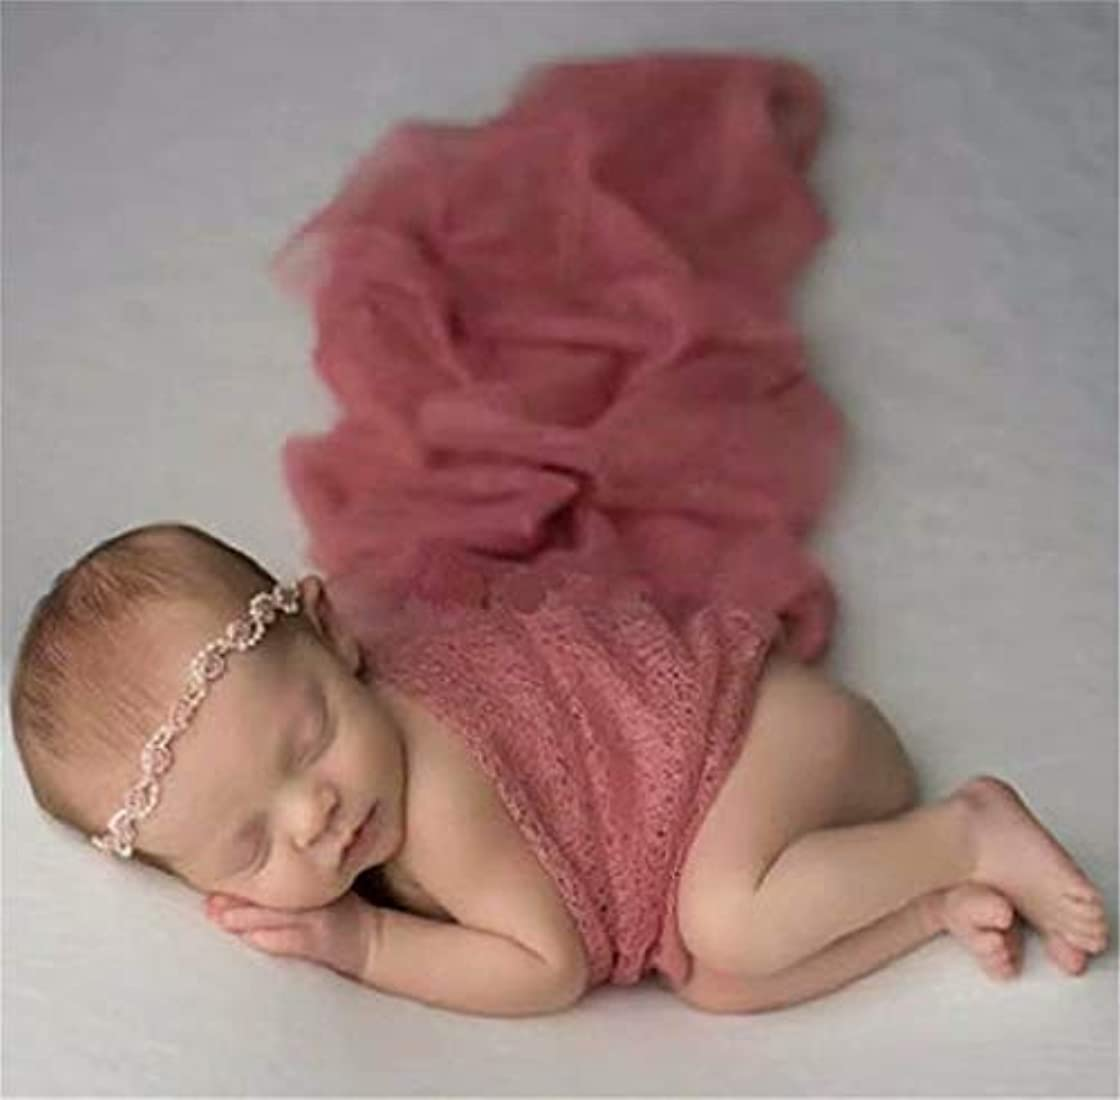 おっと通り手数料七里の香 生まれたばかりの赤ちゃんの写真の衣装 赤ちゃんの男の子の女の子の写真撮影のための新生児の写真の小道具毛布のたたきレースのラップ 赤ちゃん用